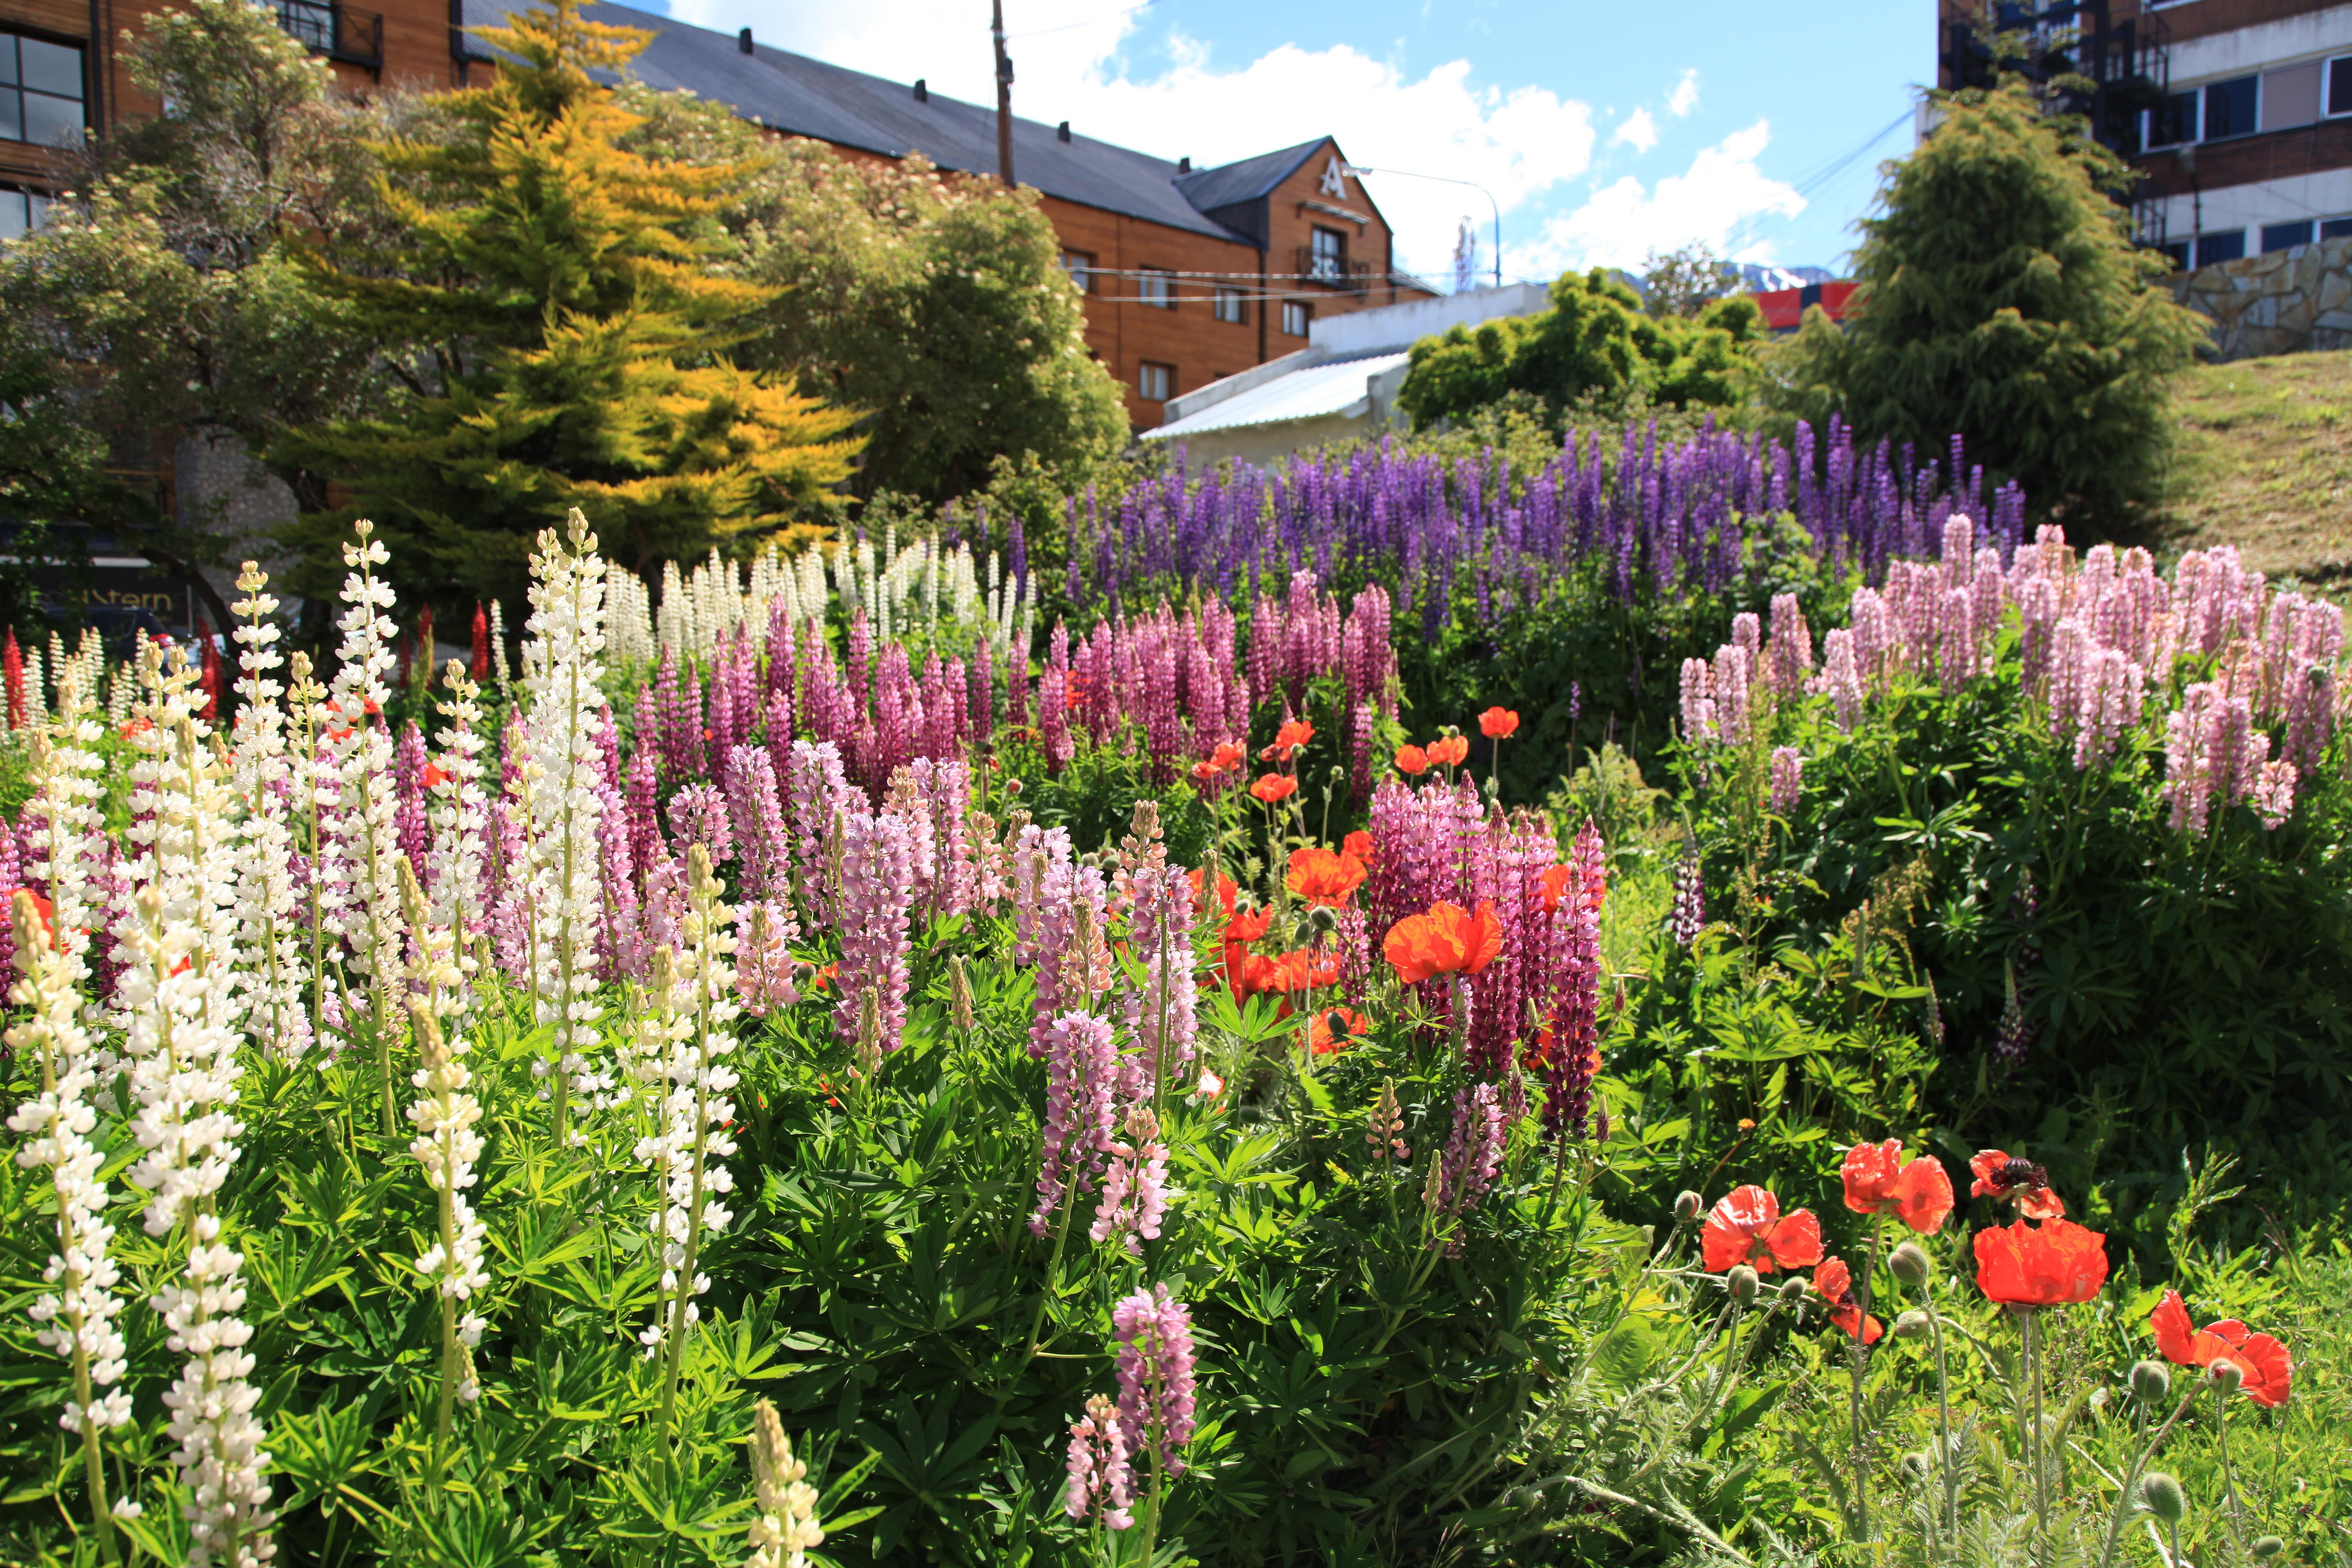 fileflower garden in ushuaia 5543010755jpg - Flower Garden